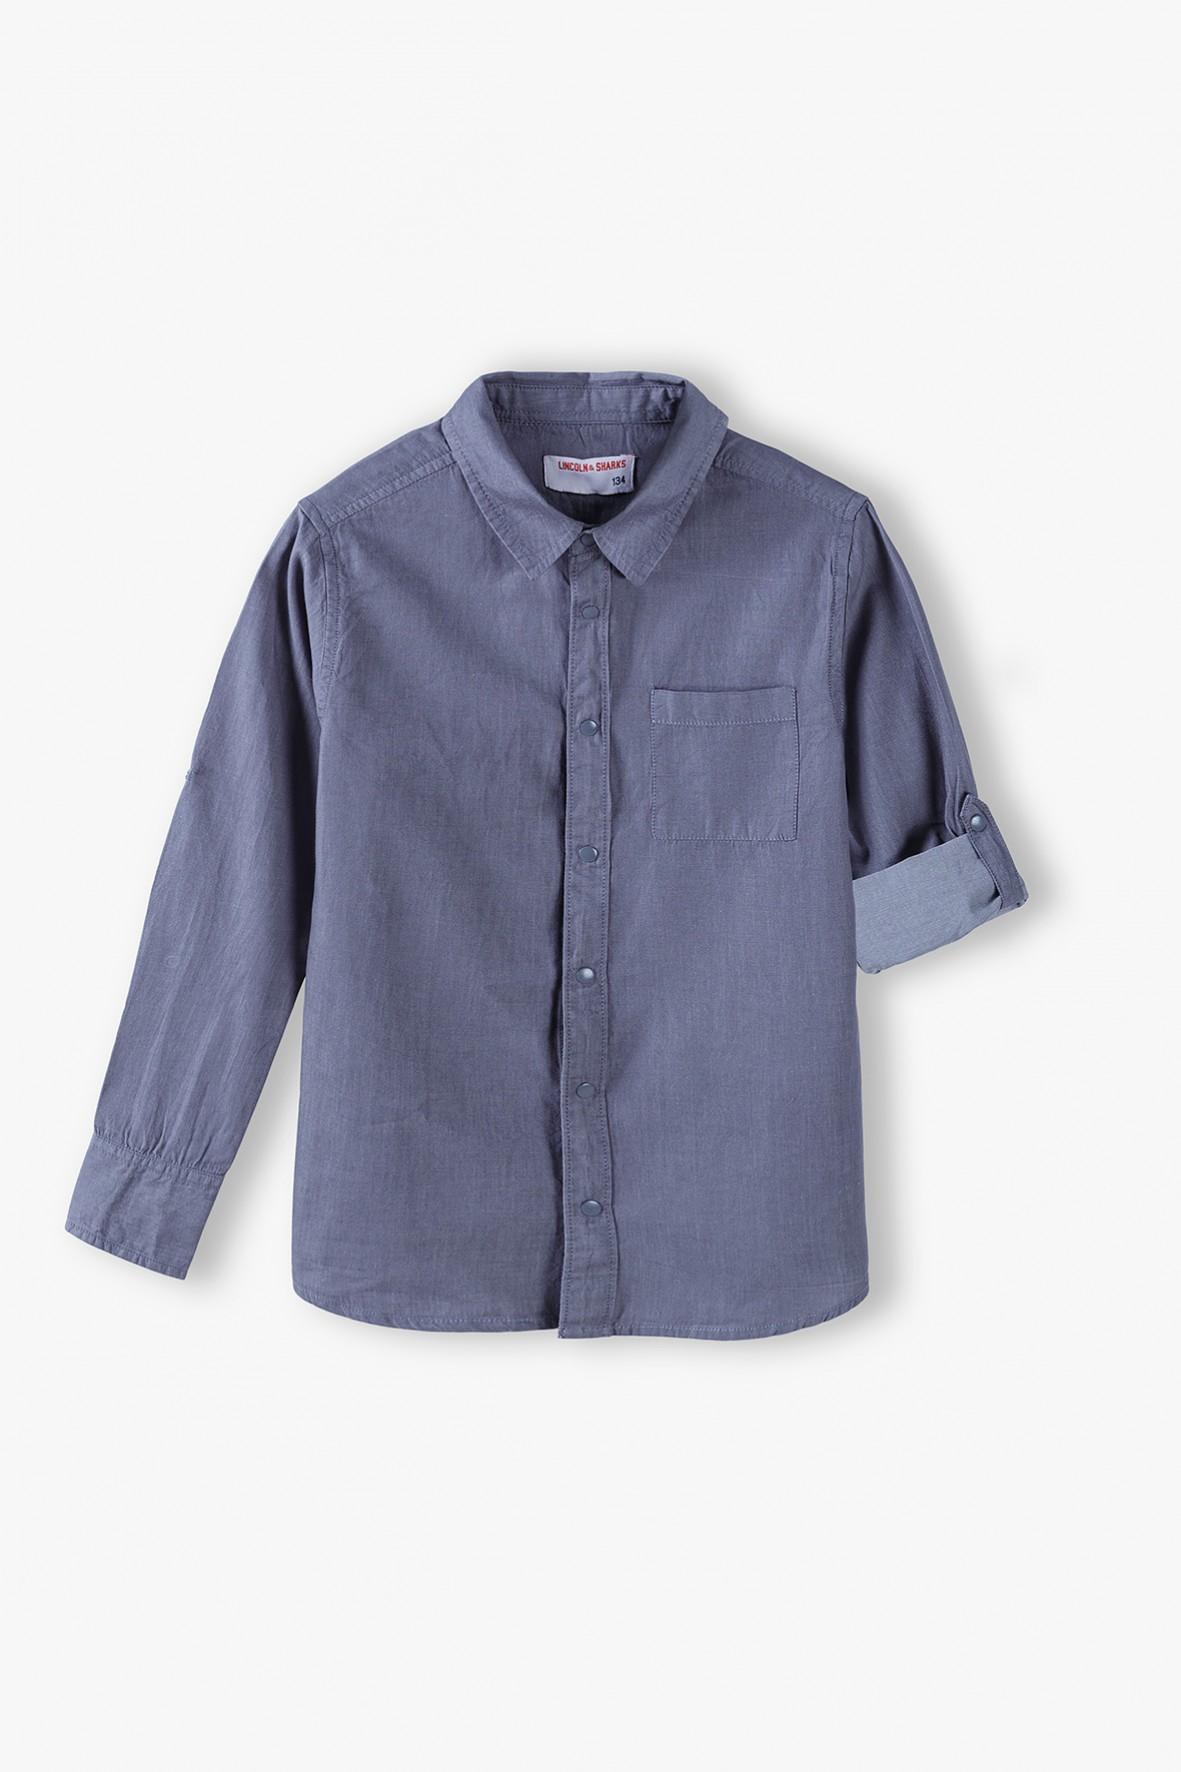 Bawełniana koszula chłopięca z długim rękawem